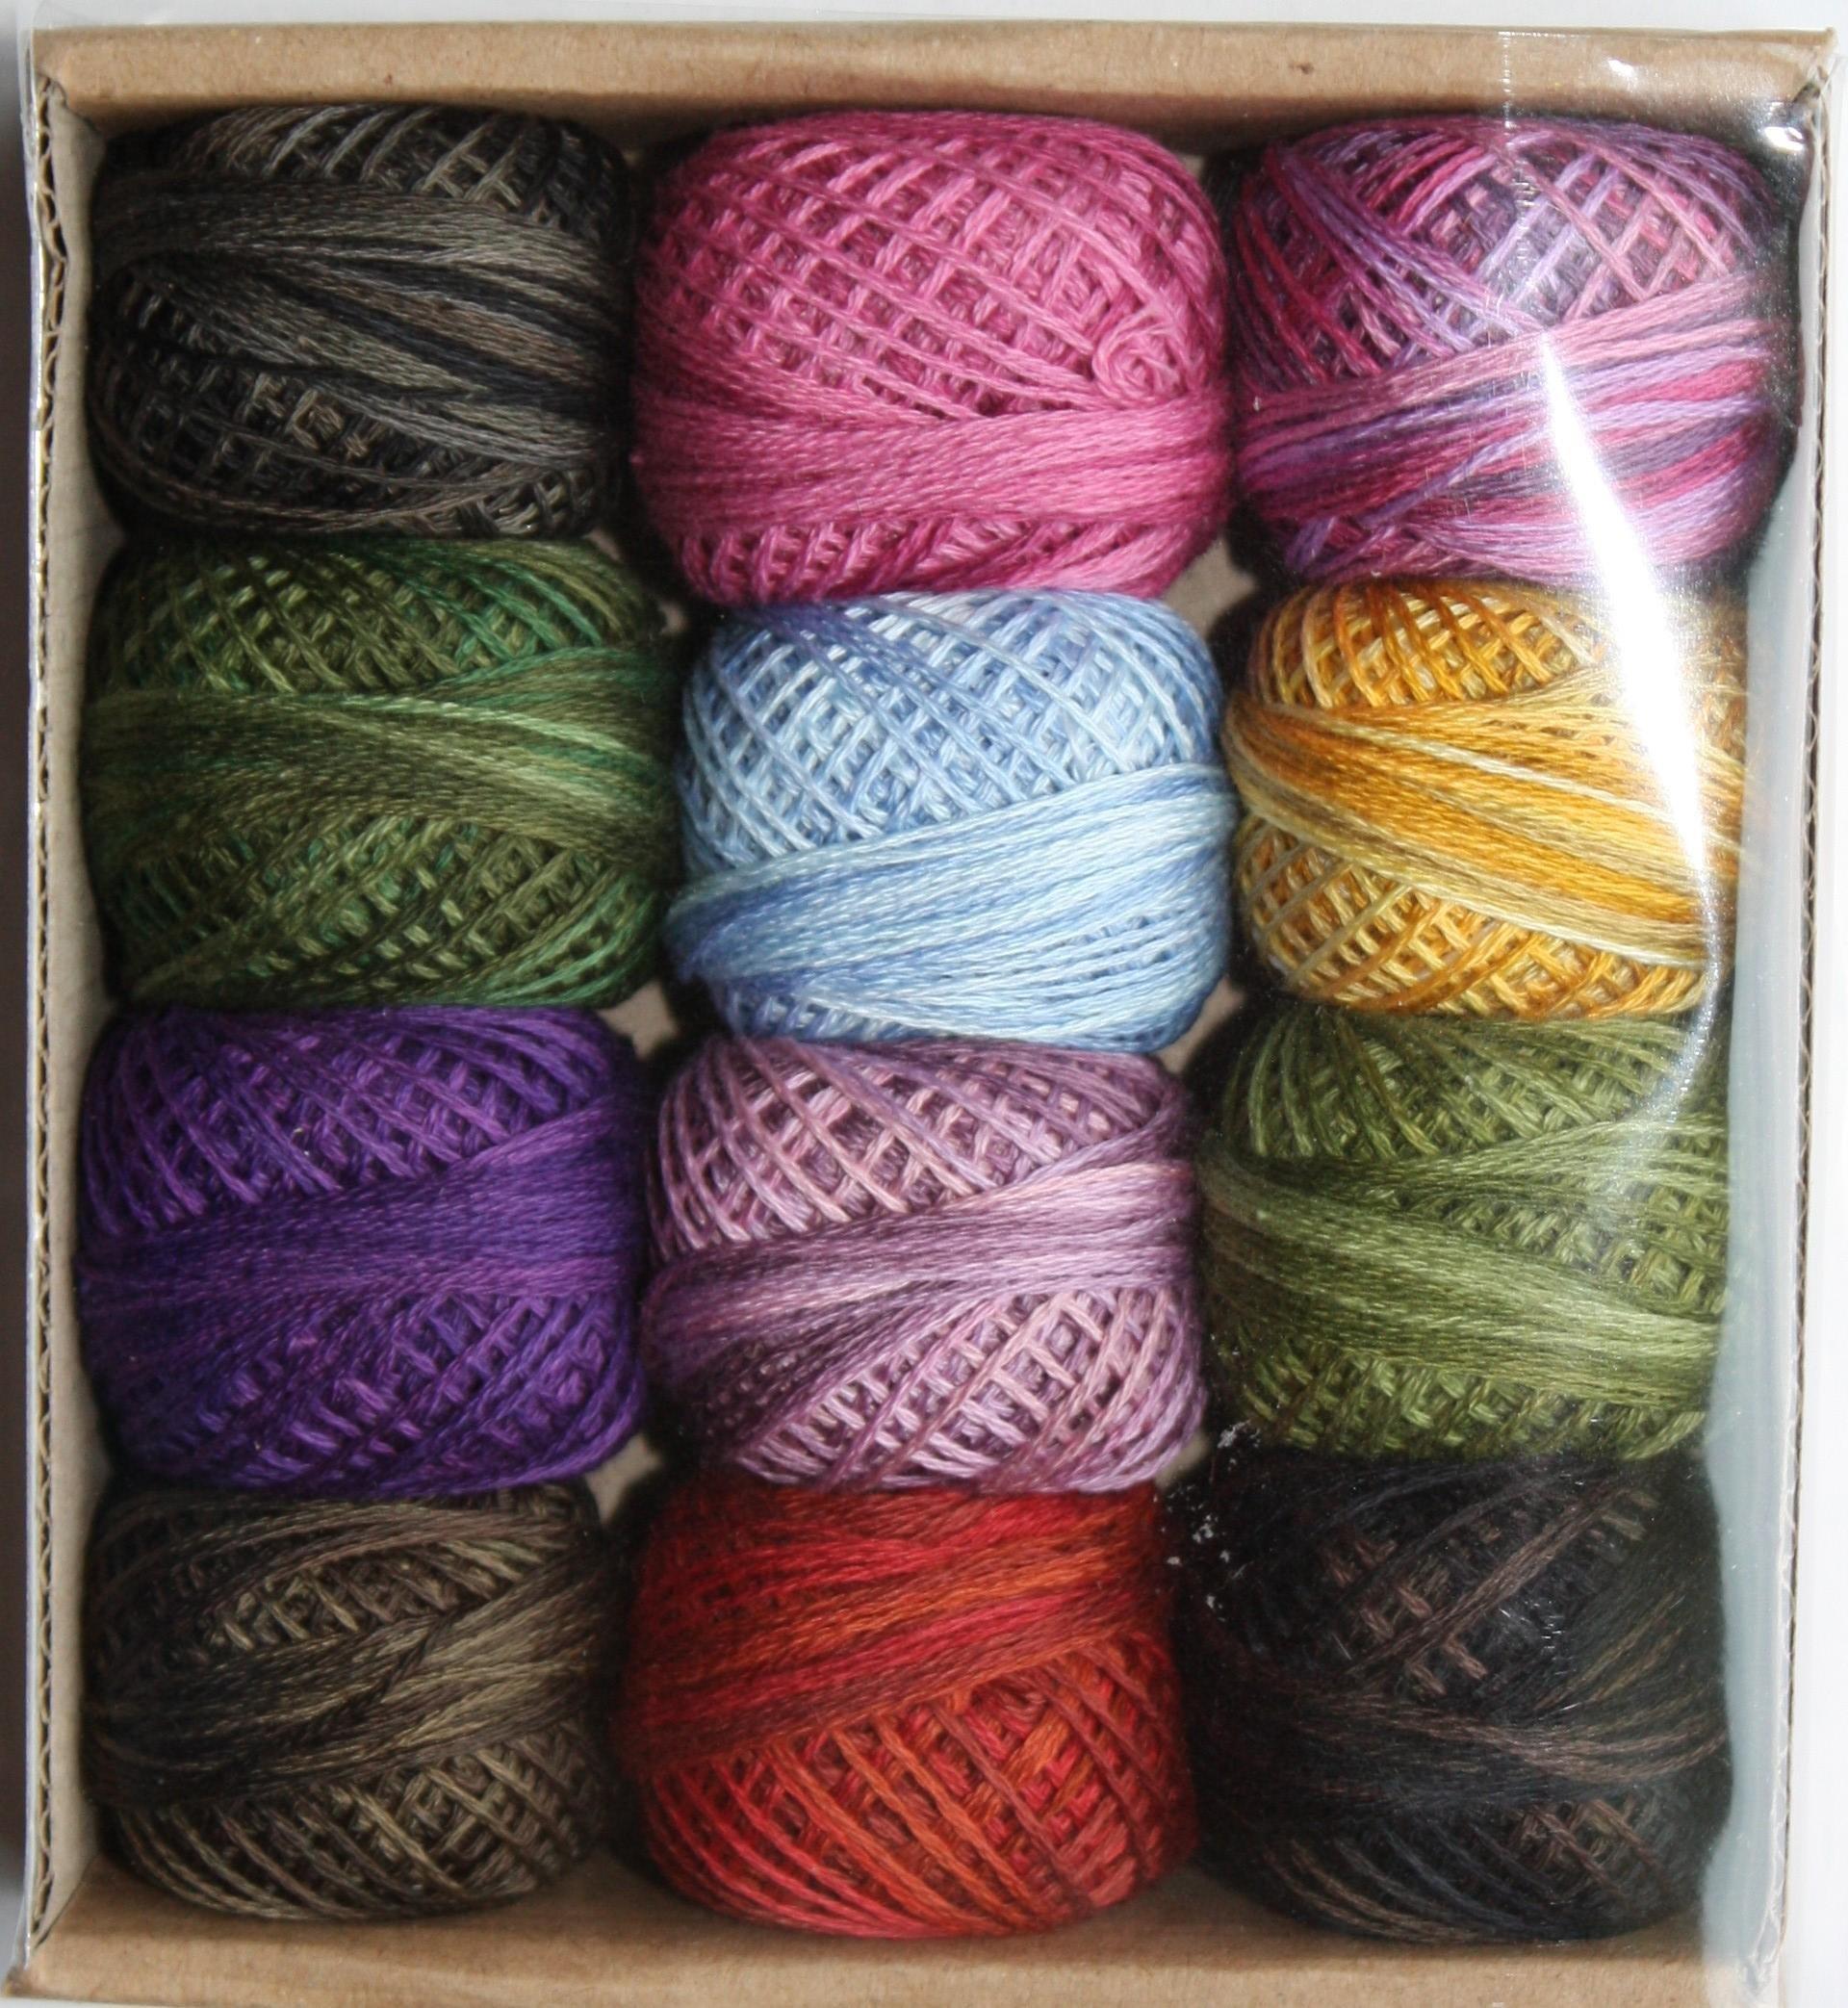 Valdani 3-strand cotton floss - Baskets, Baskets, Baskets! by Valdani